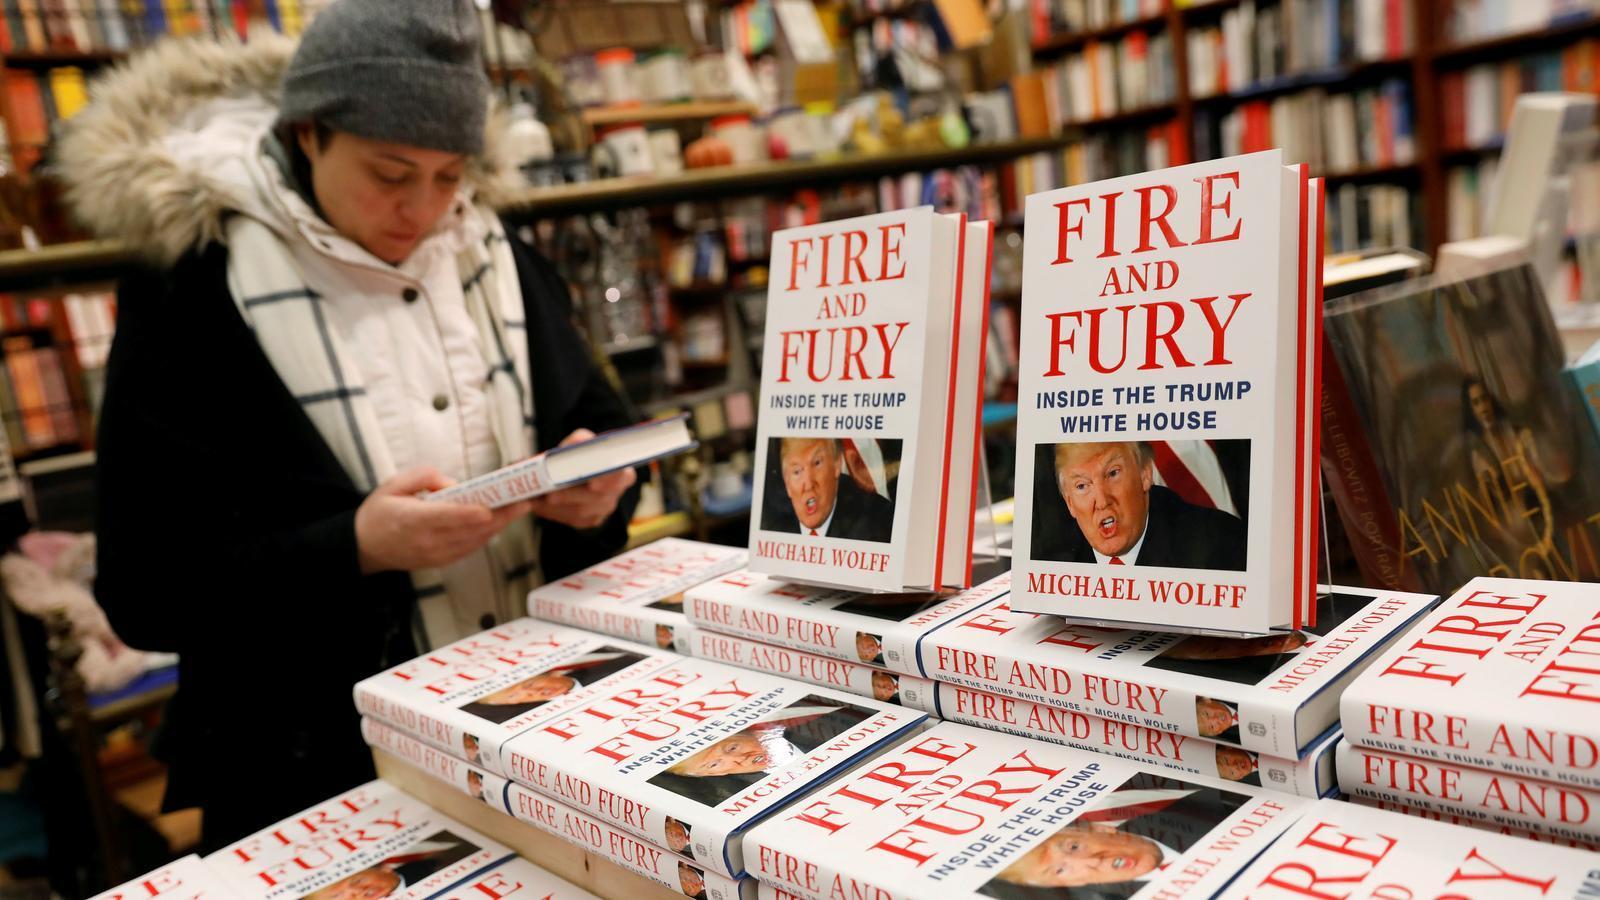 Exemplars de 'Fire and Fury' (Foc i fúria), en una llibreria de Nova York a principis de gener